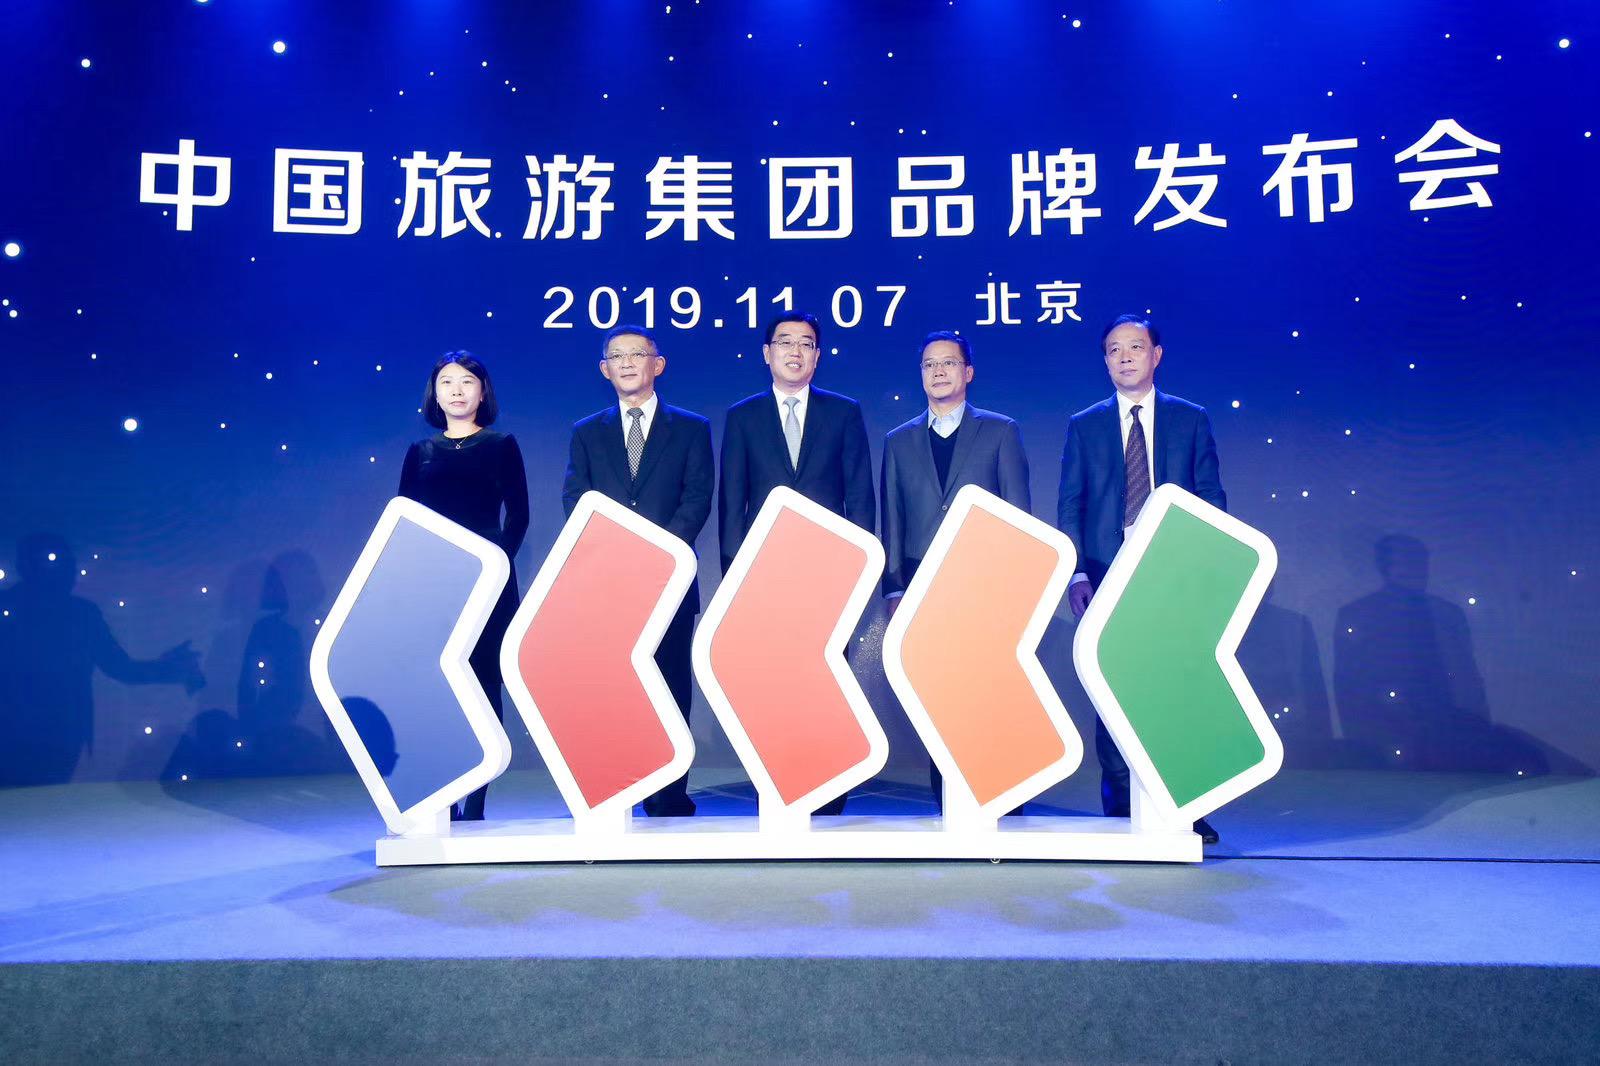 中国旅游集团发布全新品牌形象